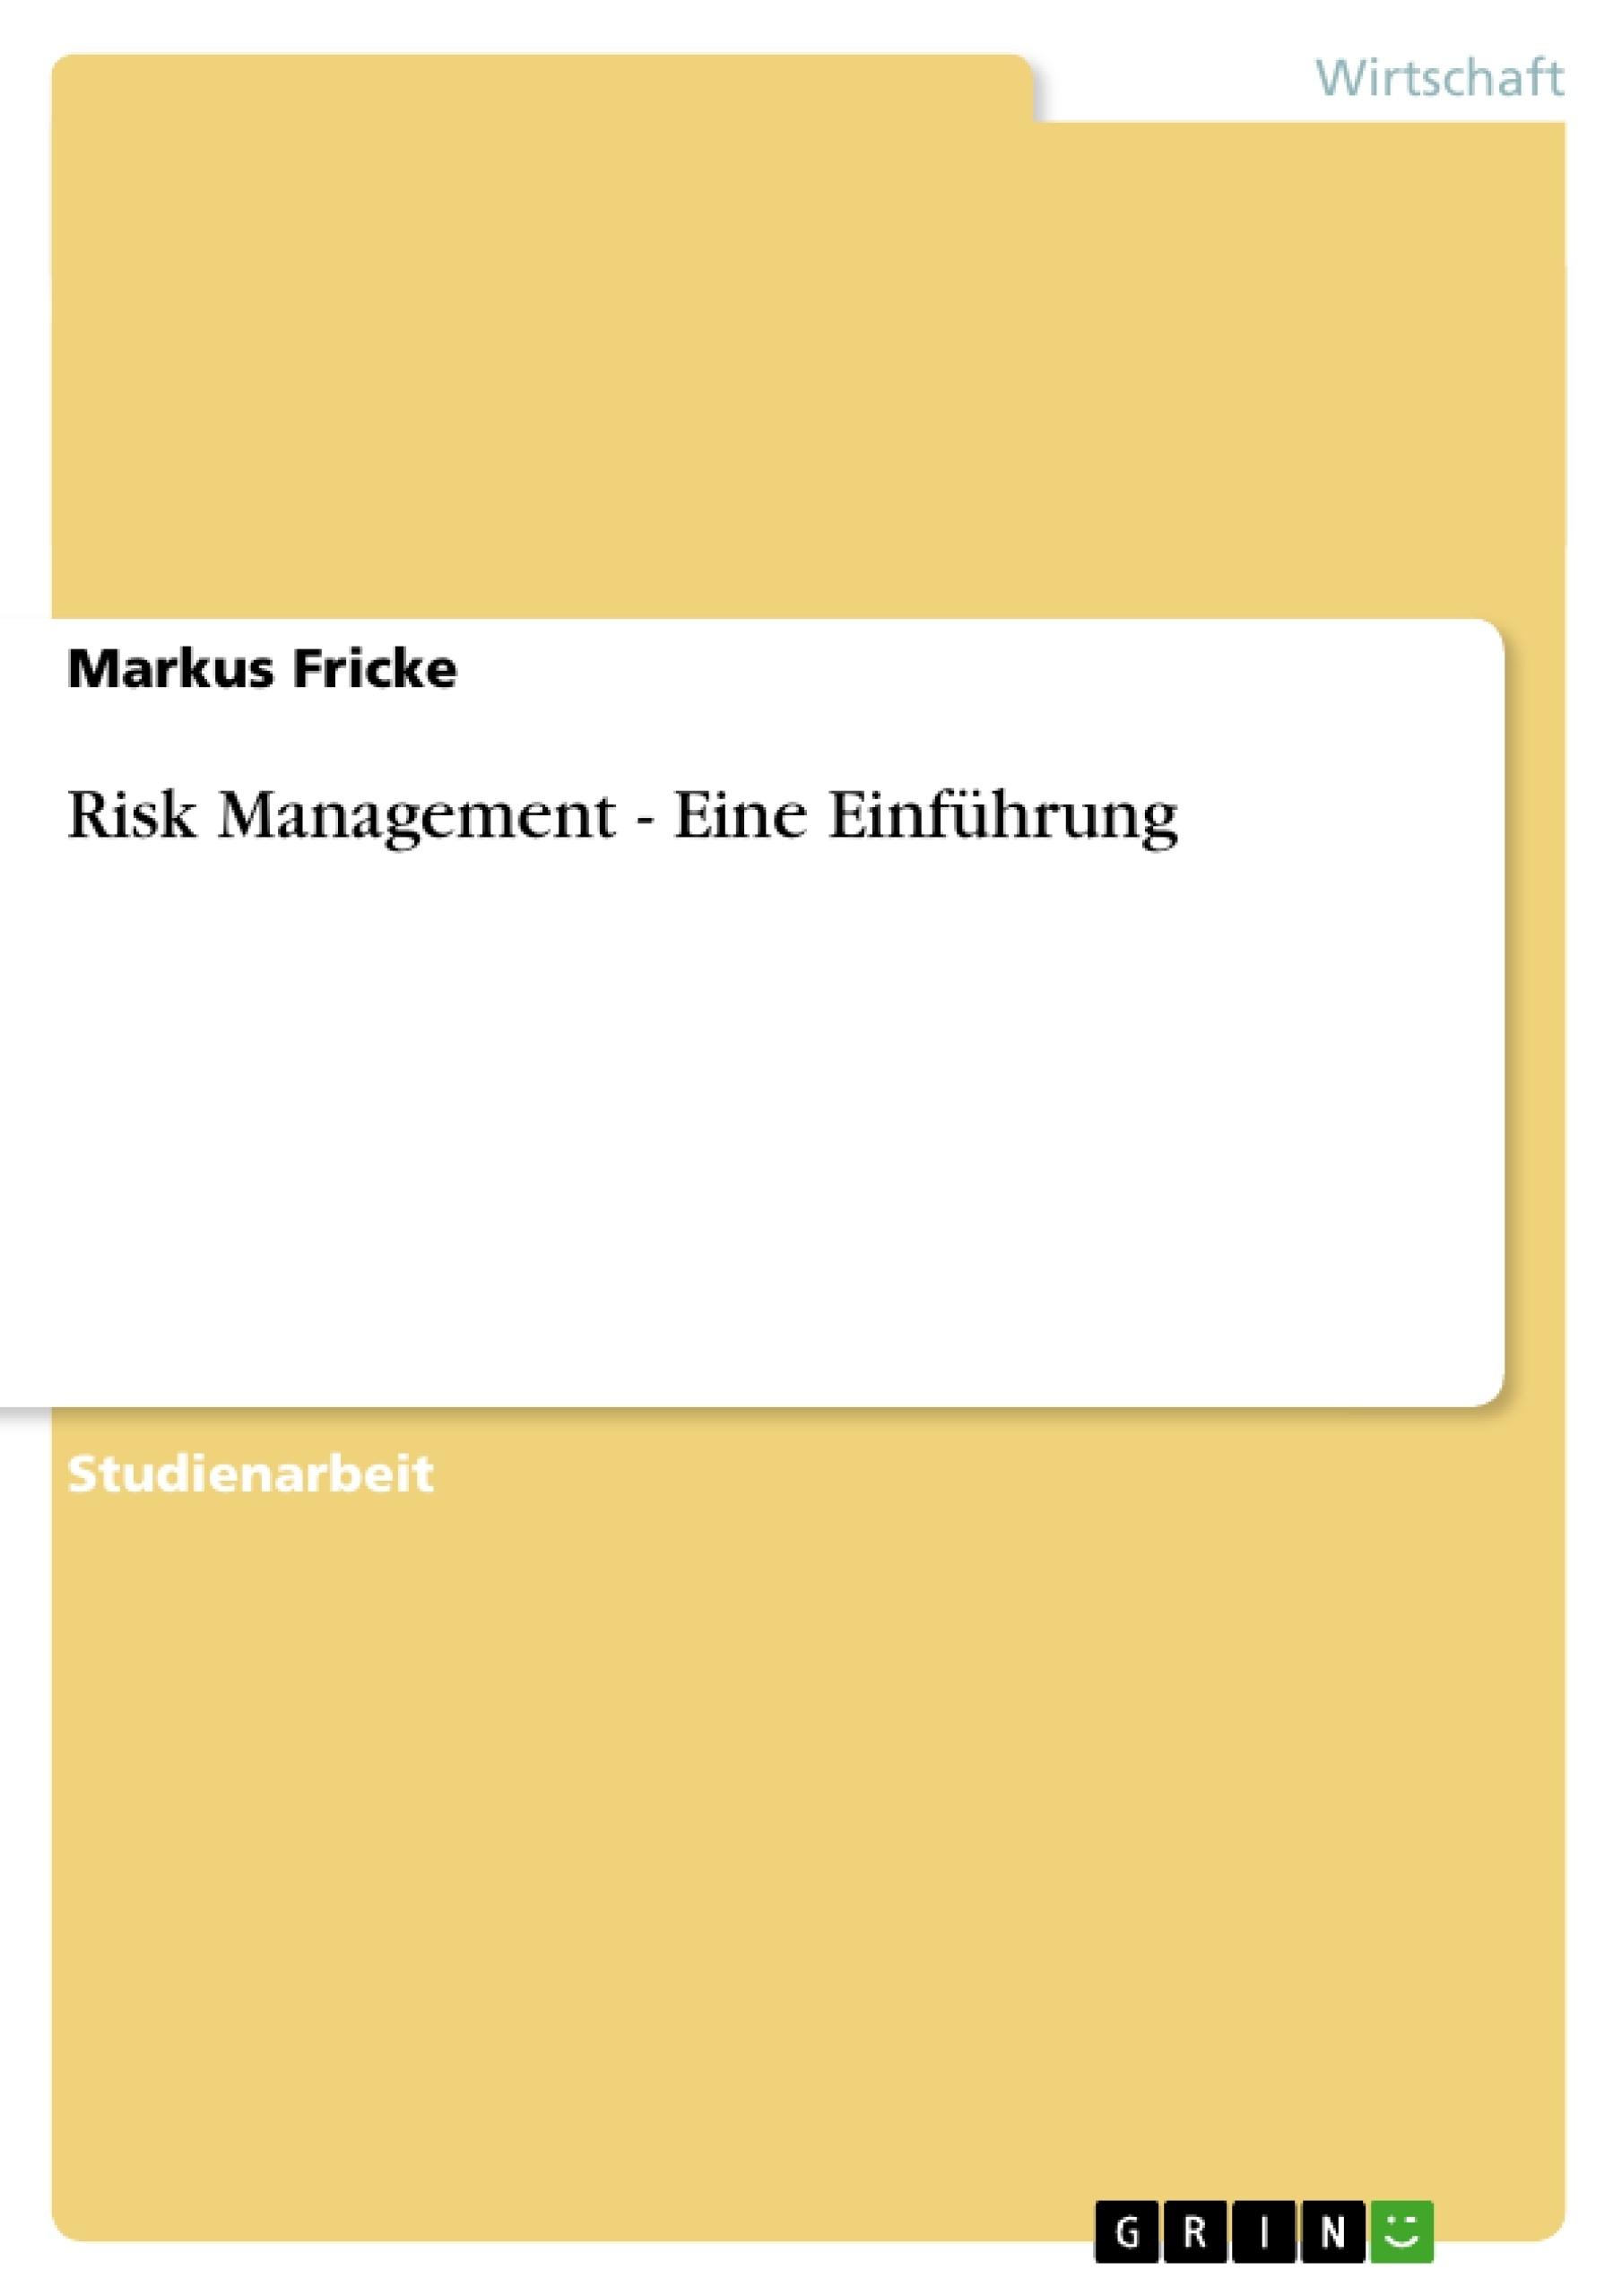 Titel: Risk Management - Eine Einführung